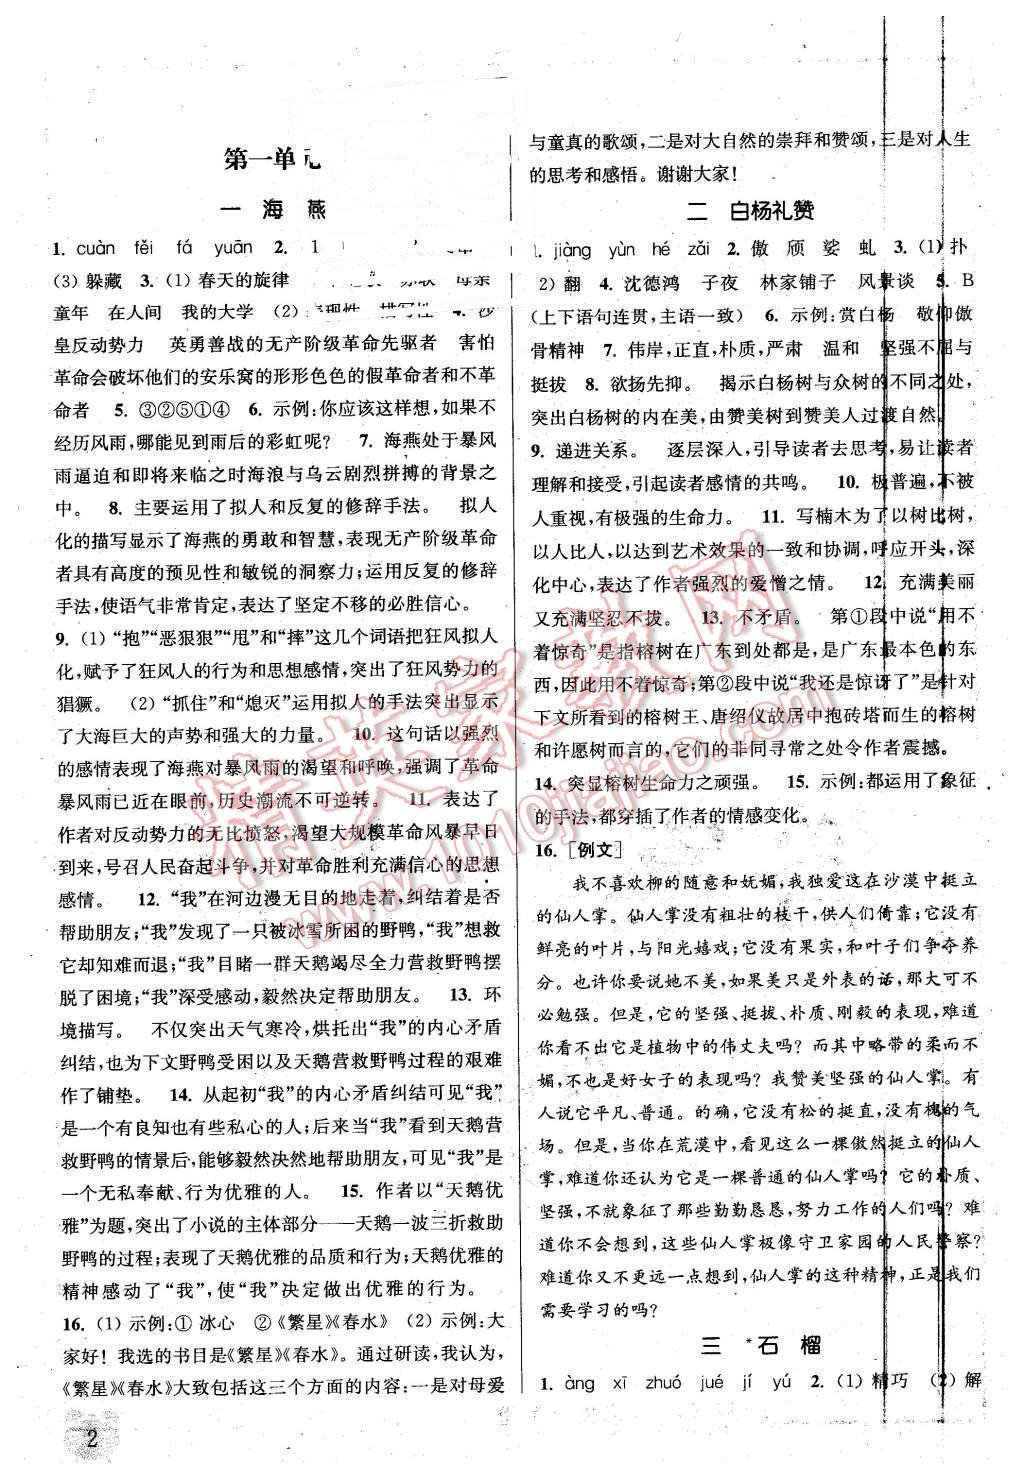 2016年通城学典课时作业本八年级语文下册江苏版第1页